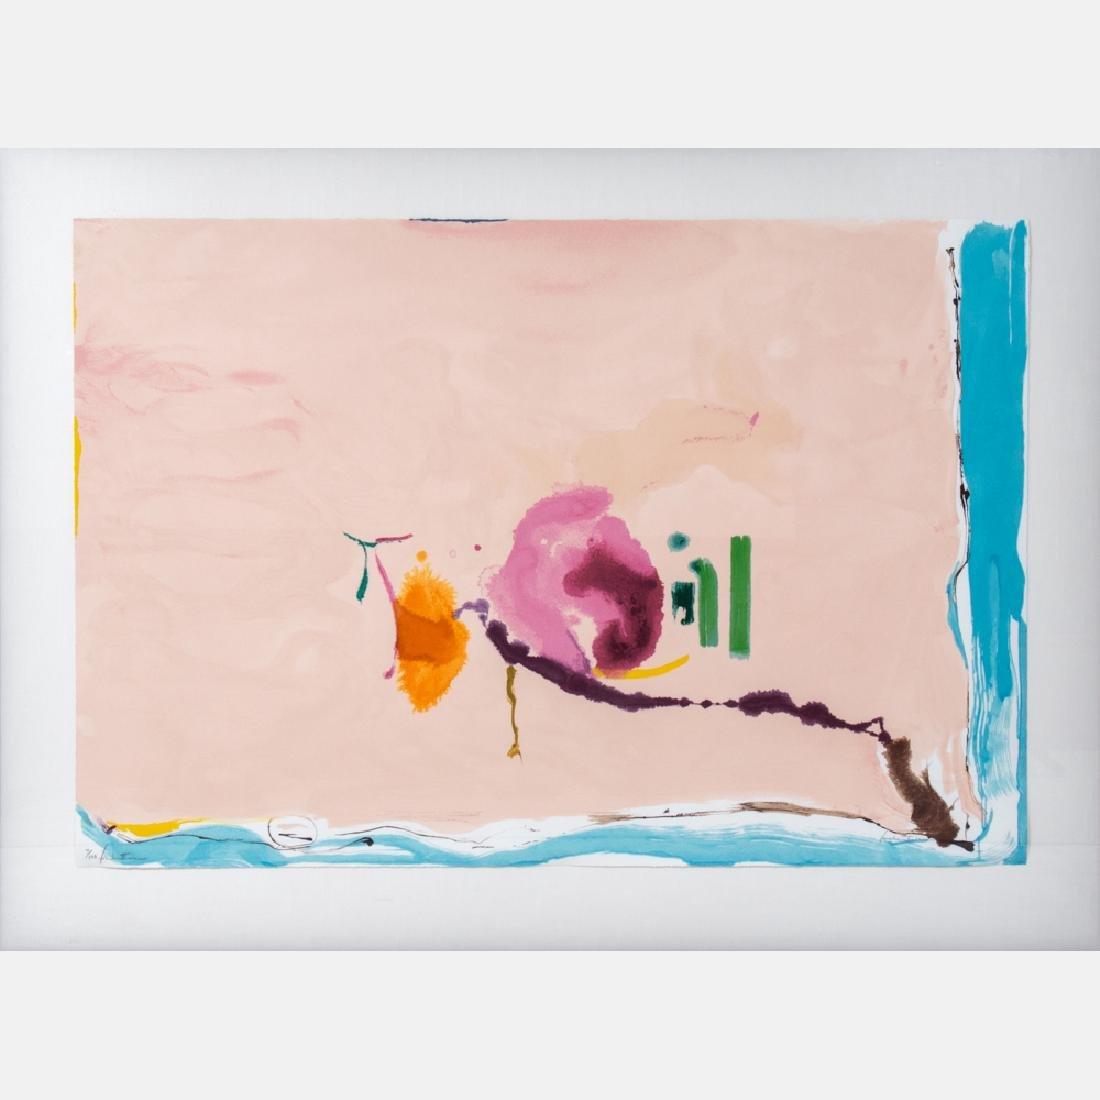 Helen Frankenthaler (1928-2011) Flirt, 1995, Silkscreen